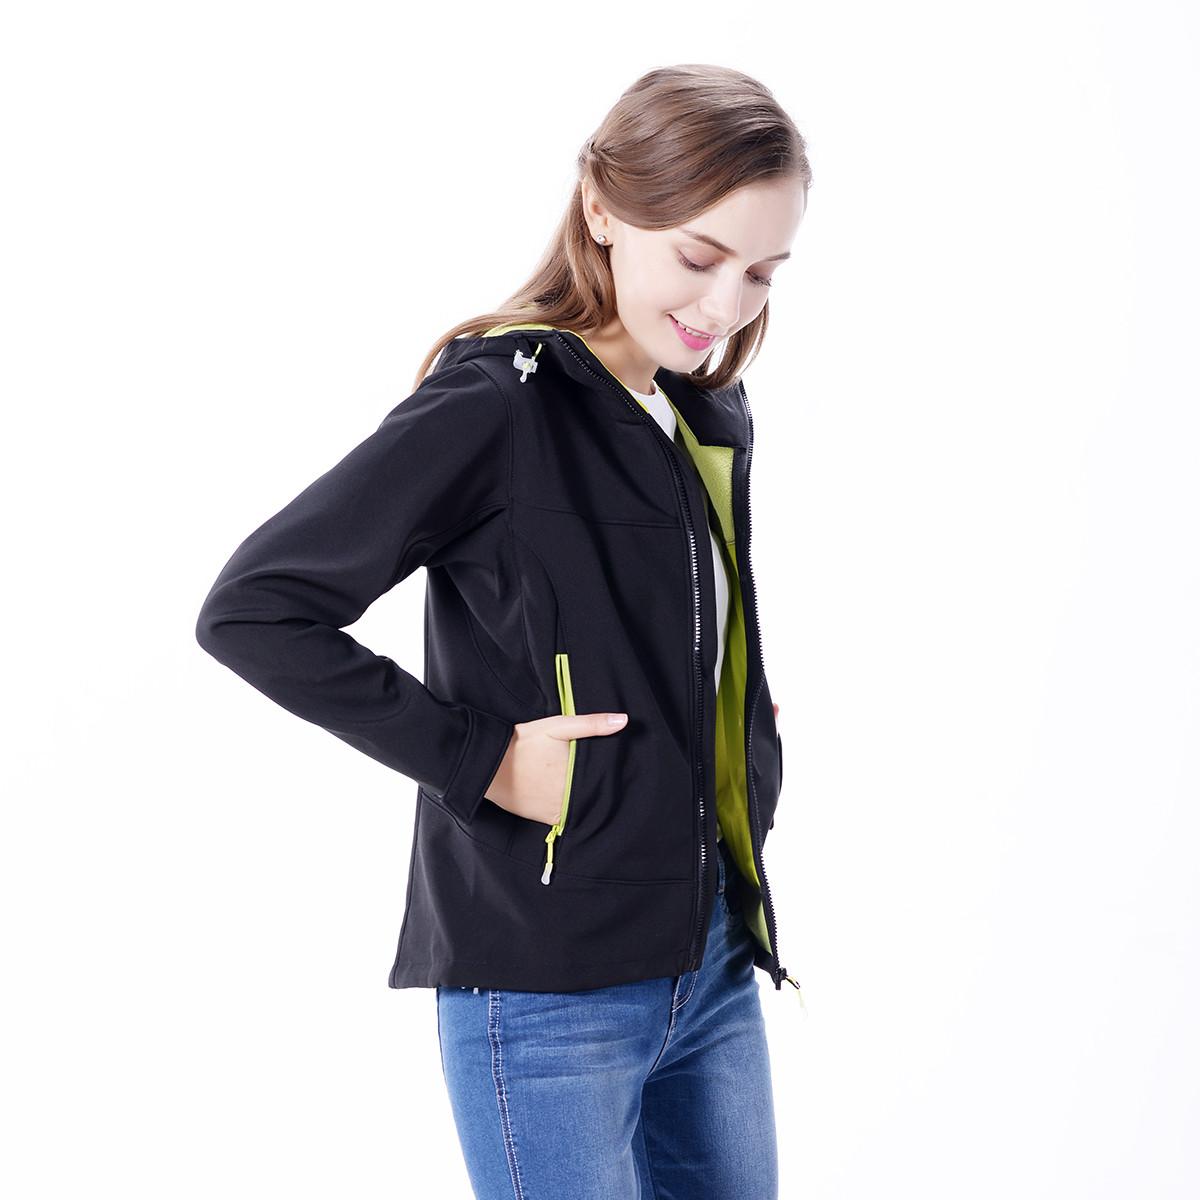 犸凯奴秋季女款运动夹克防泼防风加绒保暖软壳衣MJQ1920010201